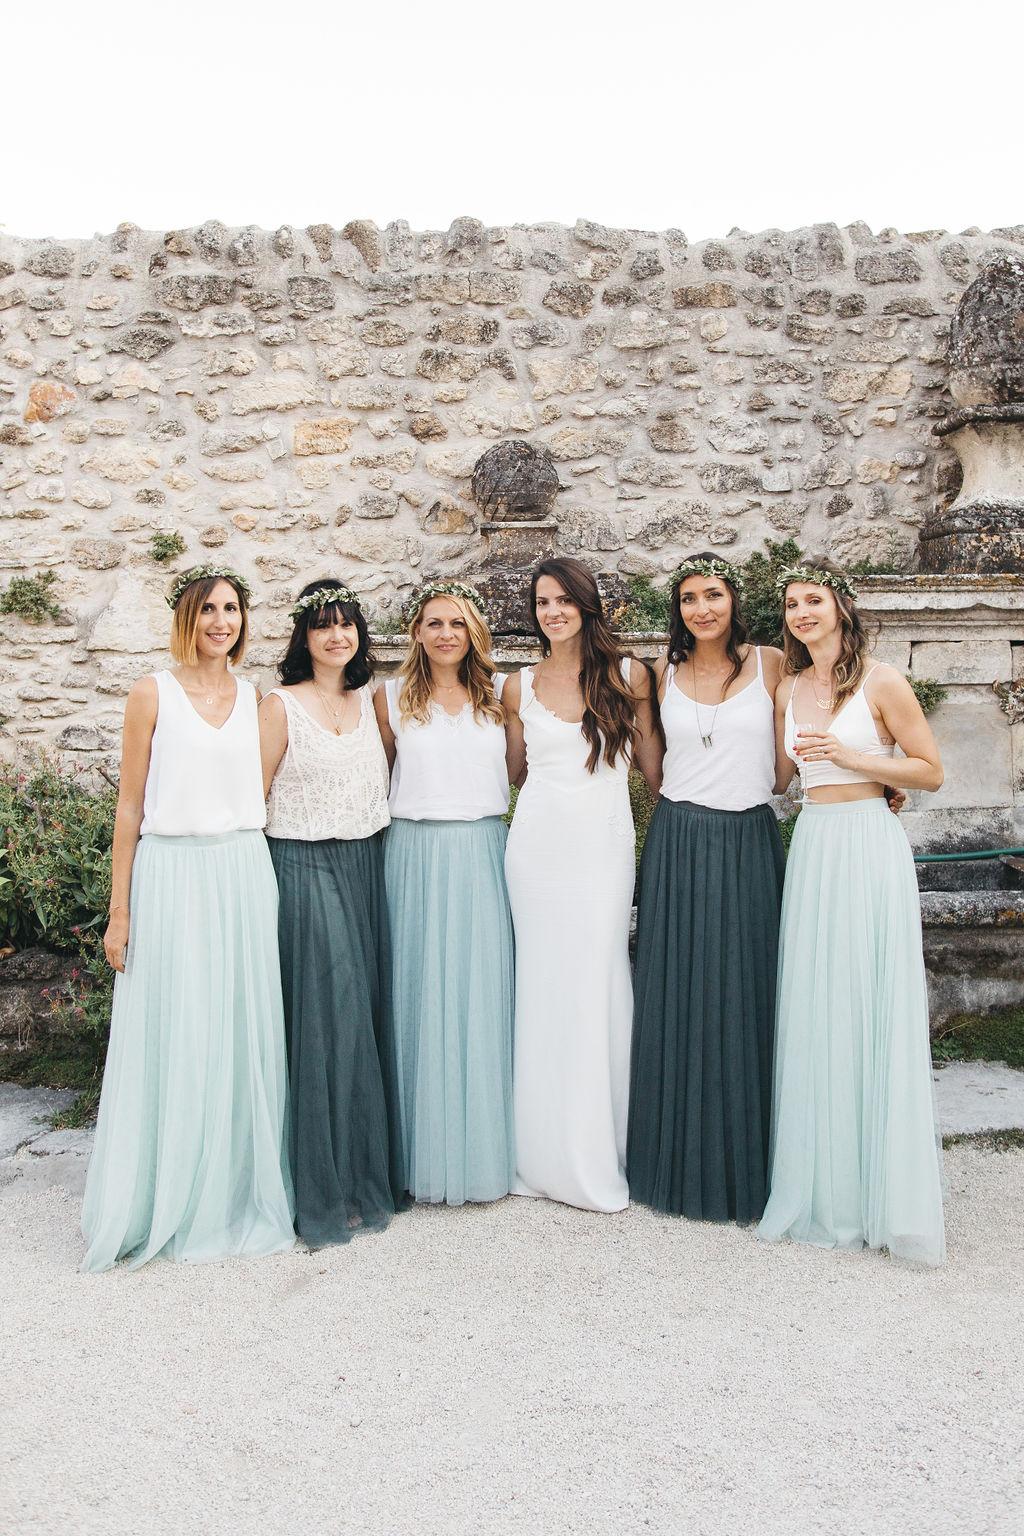 tenue des demoiselles d'honneur pour un mariage bohème chic en Provence. Empreinte Ephémère wedding planner Provence, paris et normandie